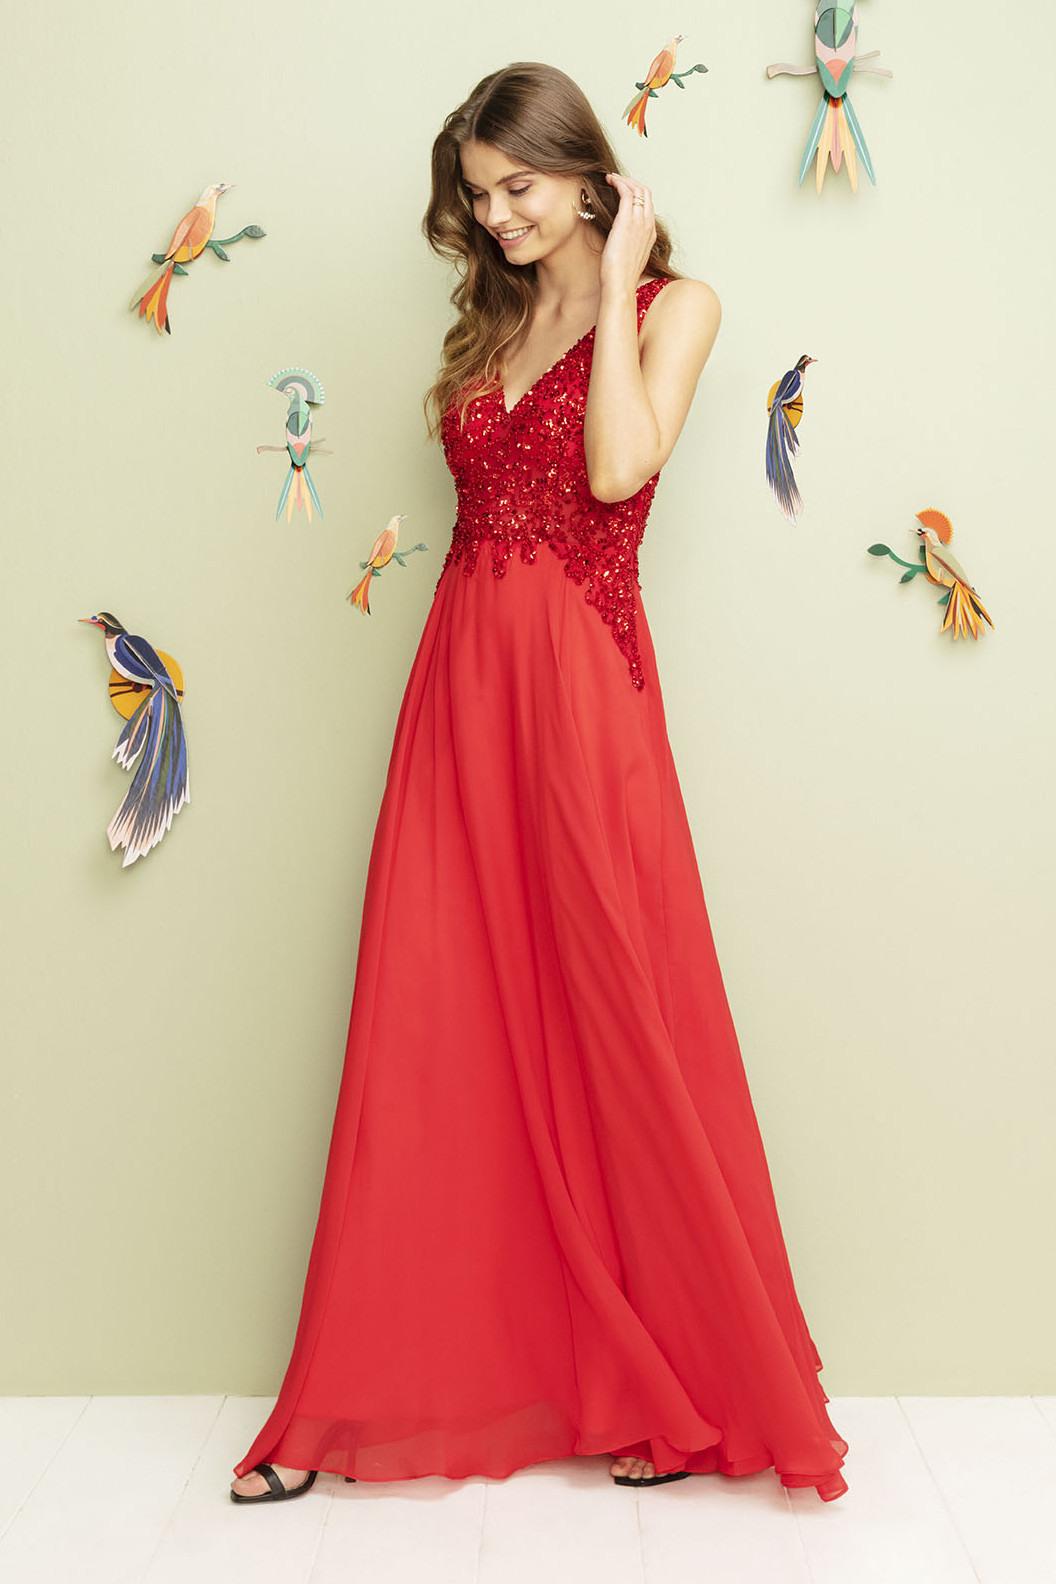 Einzigartig Abendkleider Rot Spezialgebiet20 Cool Abendkleider Rot Galerie